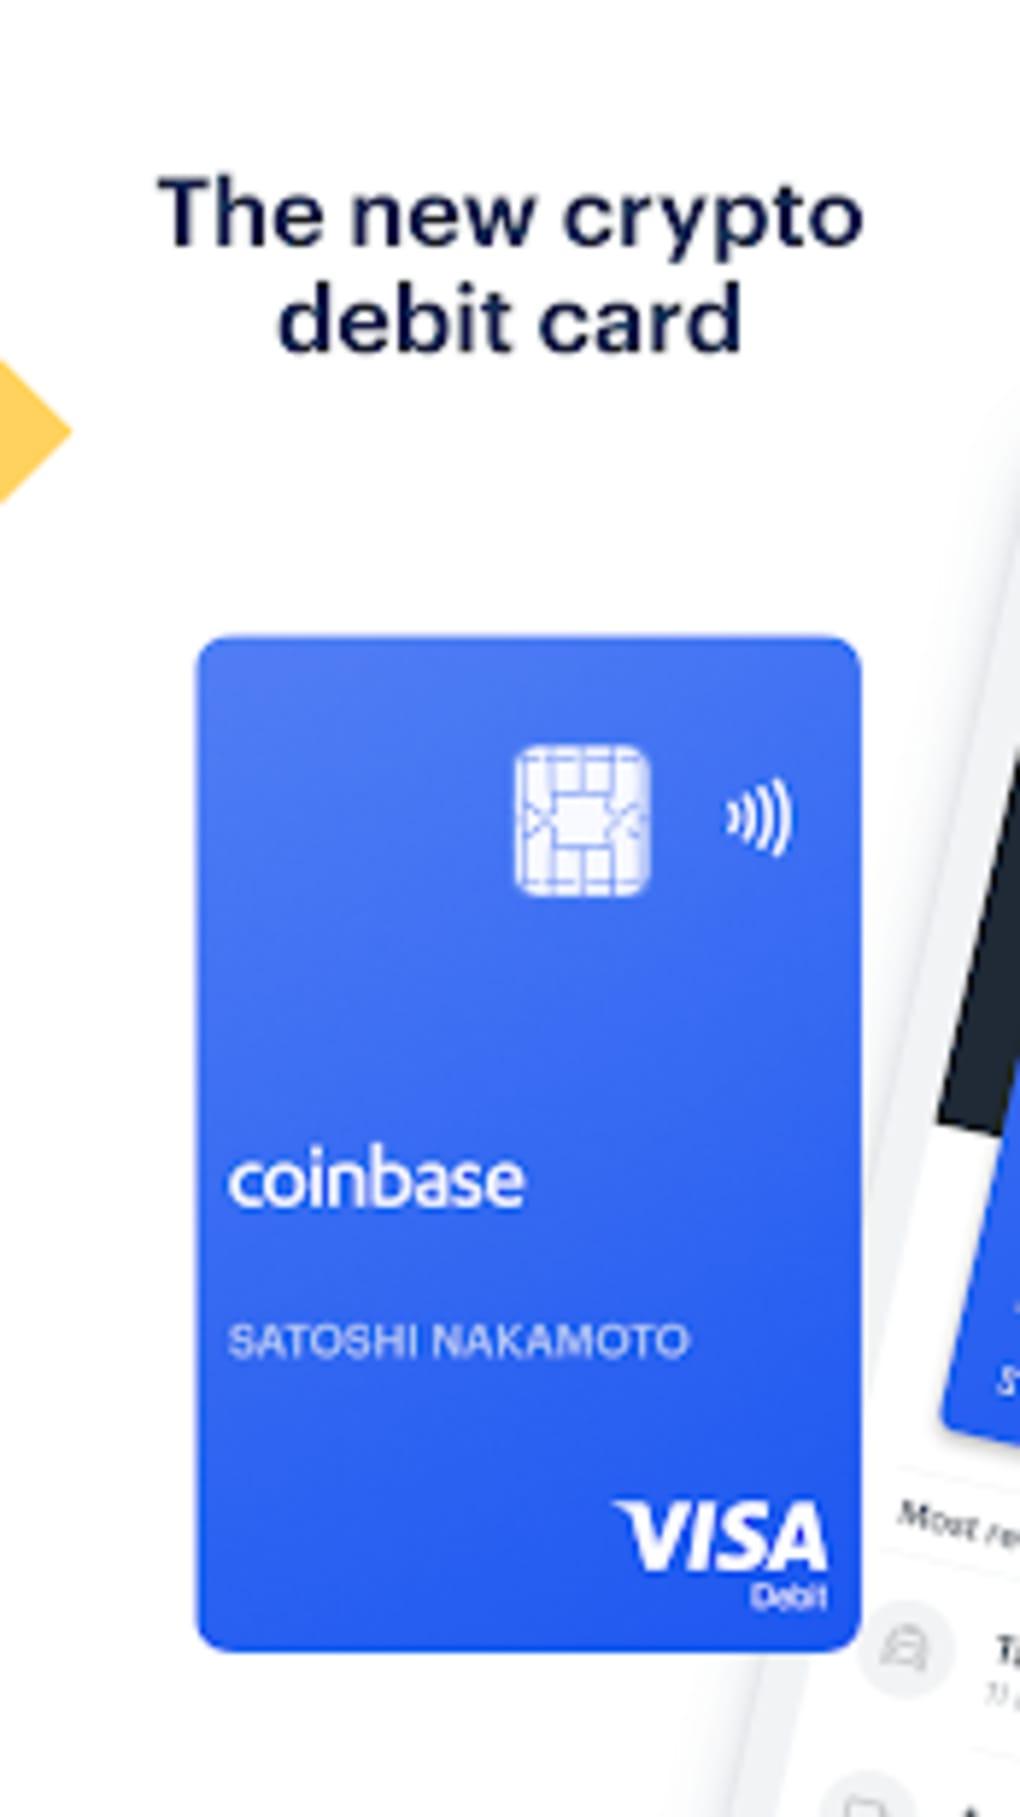 can you buy partial bitcoins on coinbase